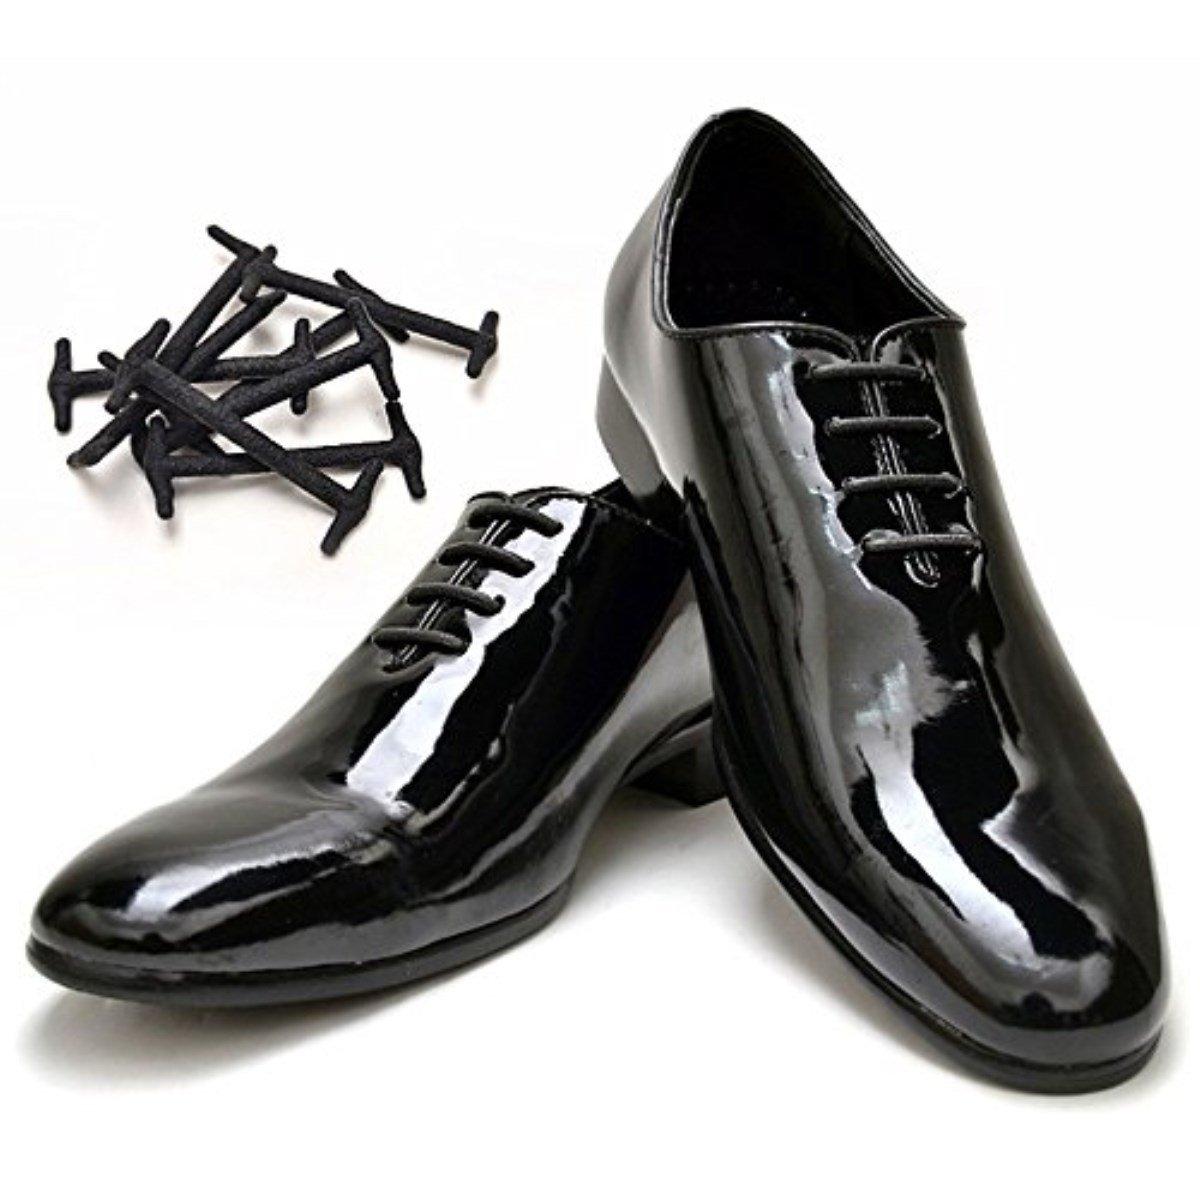 Uniqstore 2 paires chaussures élastiques en silicone chaussure Oxford lacets A03-G-GJXDP